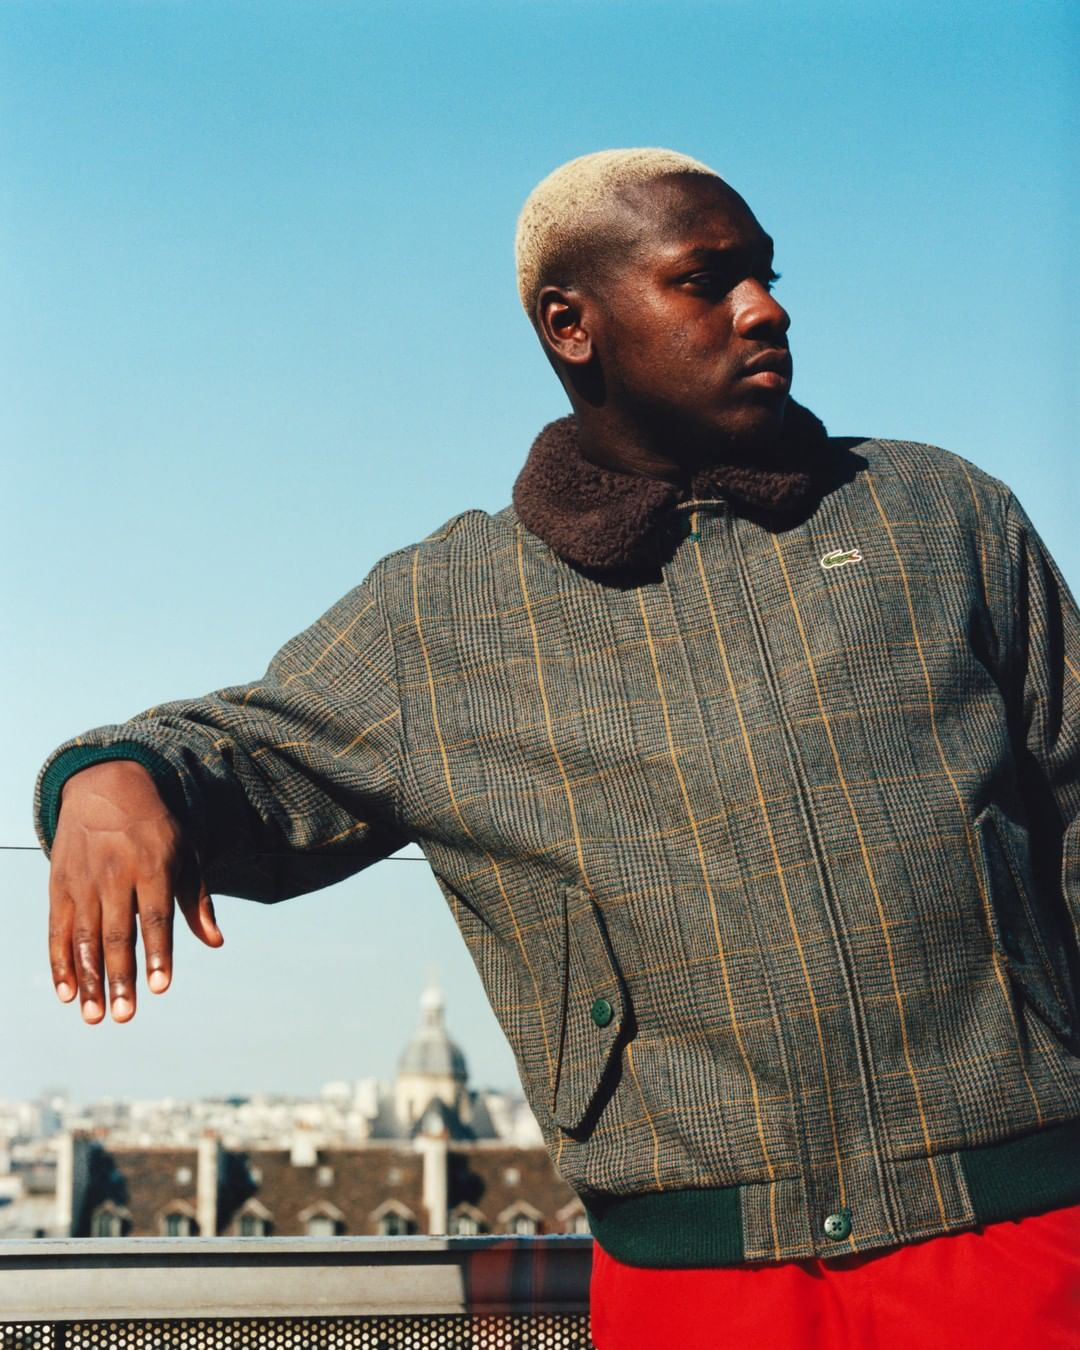 Supreme y Lacoste unen elegancia y streetwear en su nueva colección FW19